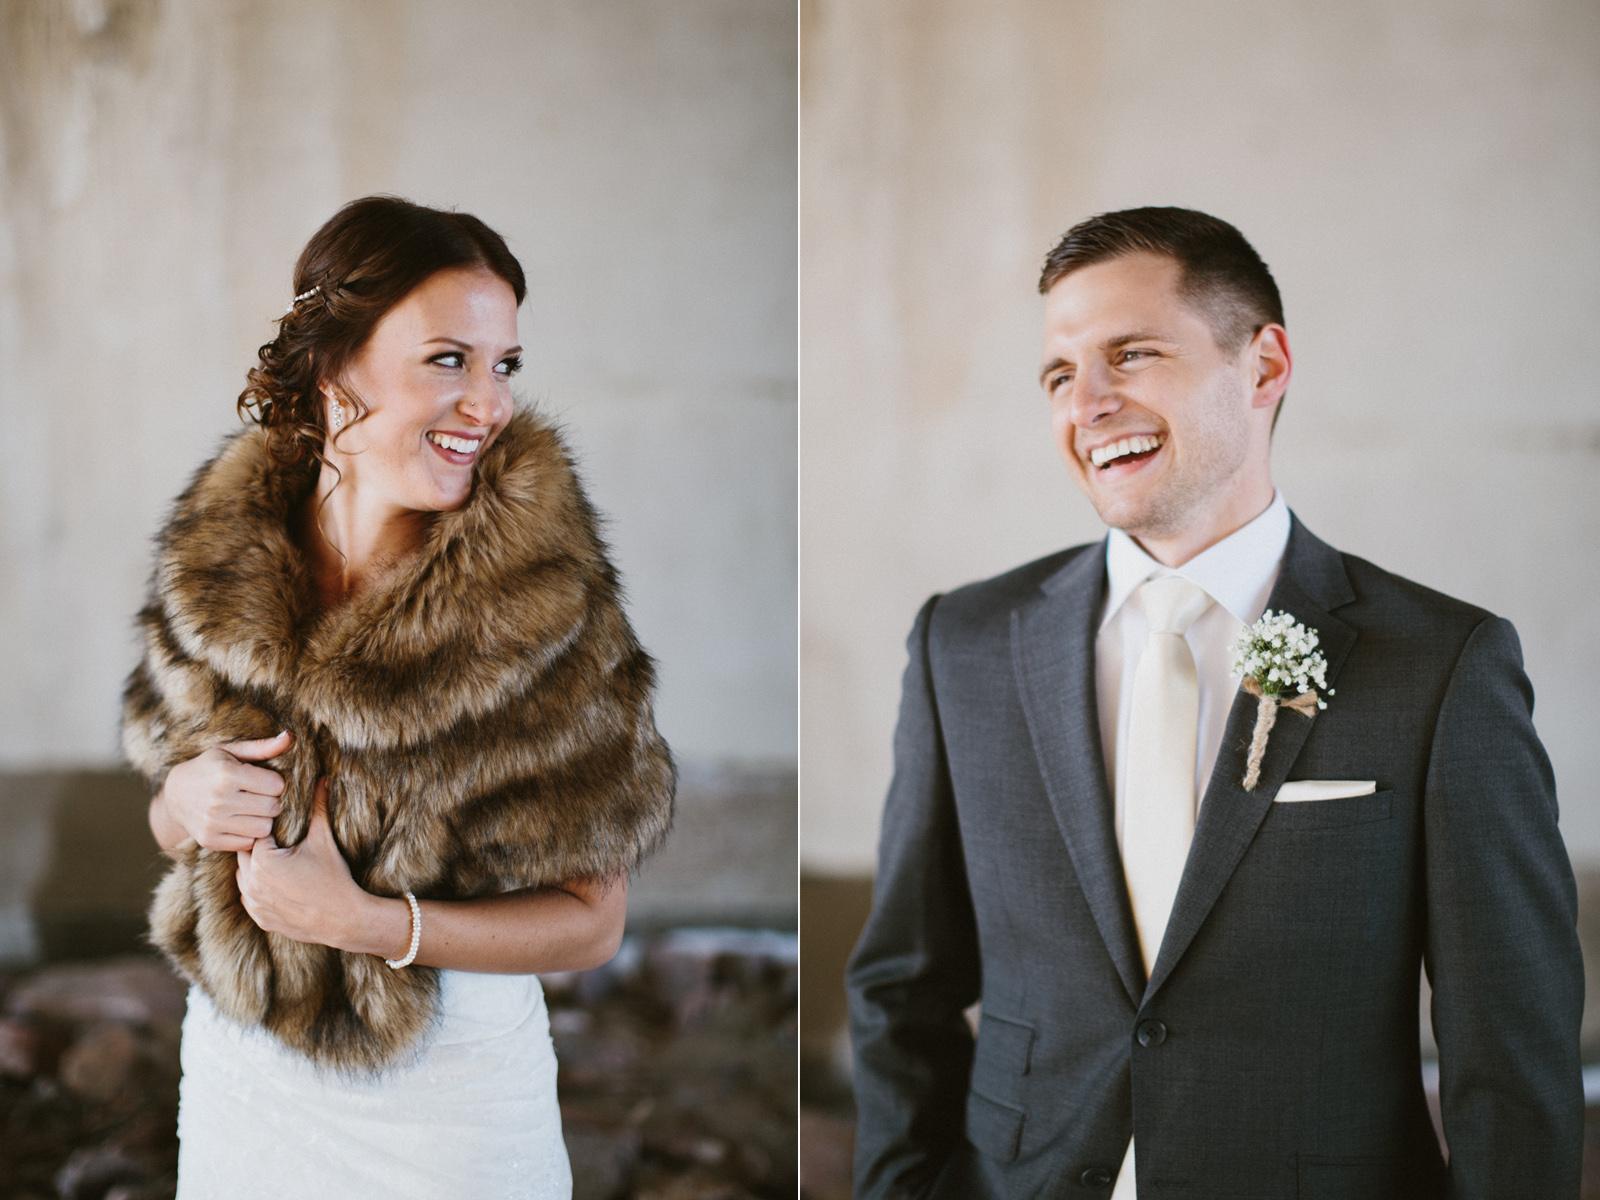 israel&aubrey_siouxfalls_wedding_photographer_55.jpg